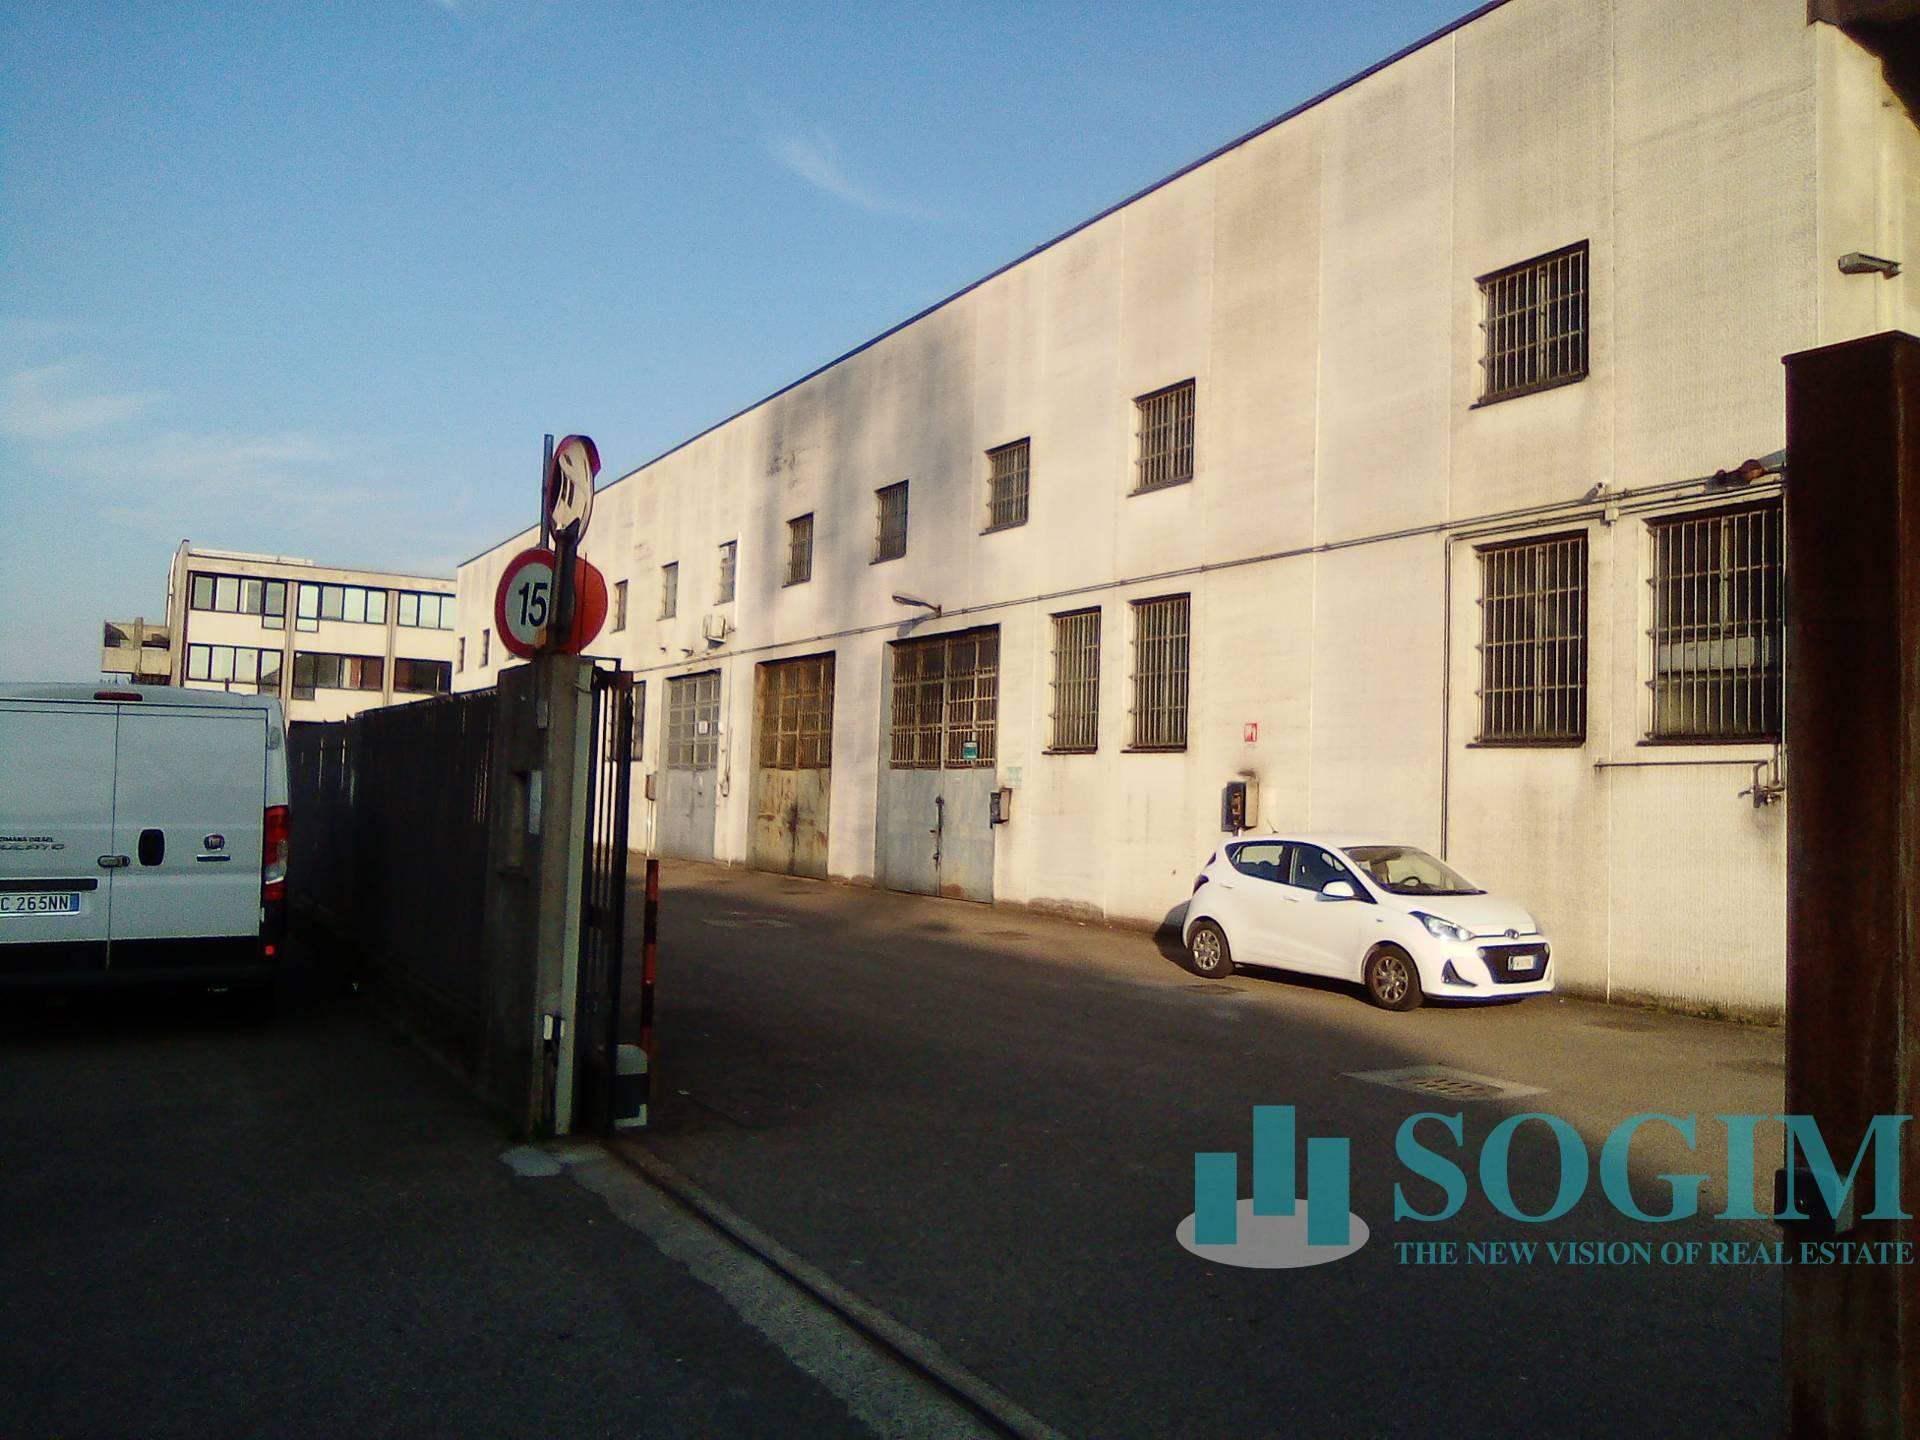 Capannone in vendita a Trezzano sul Naviglio, 9999 locali, prezzo € 250.000 | PortaleAgenzieImmobiliari.it